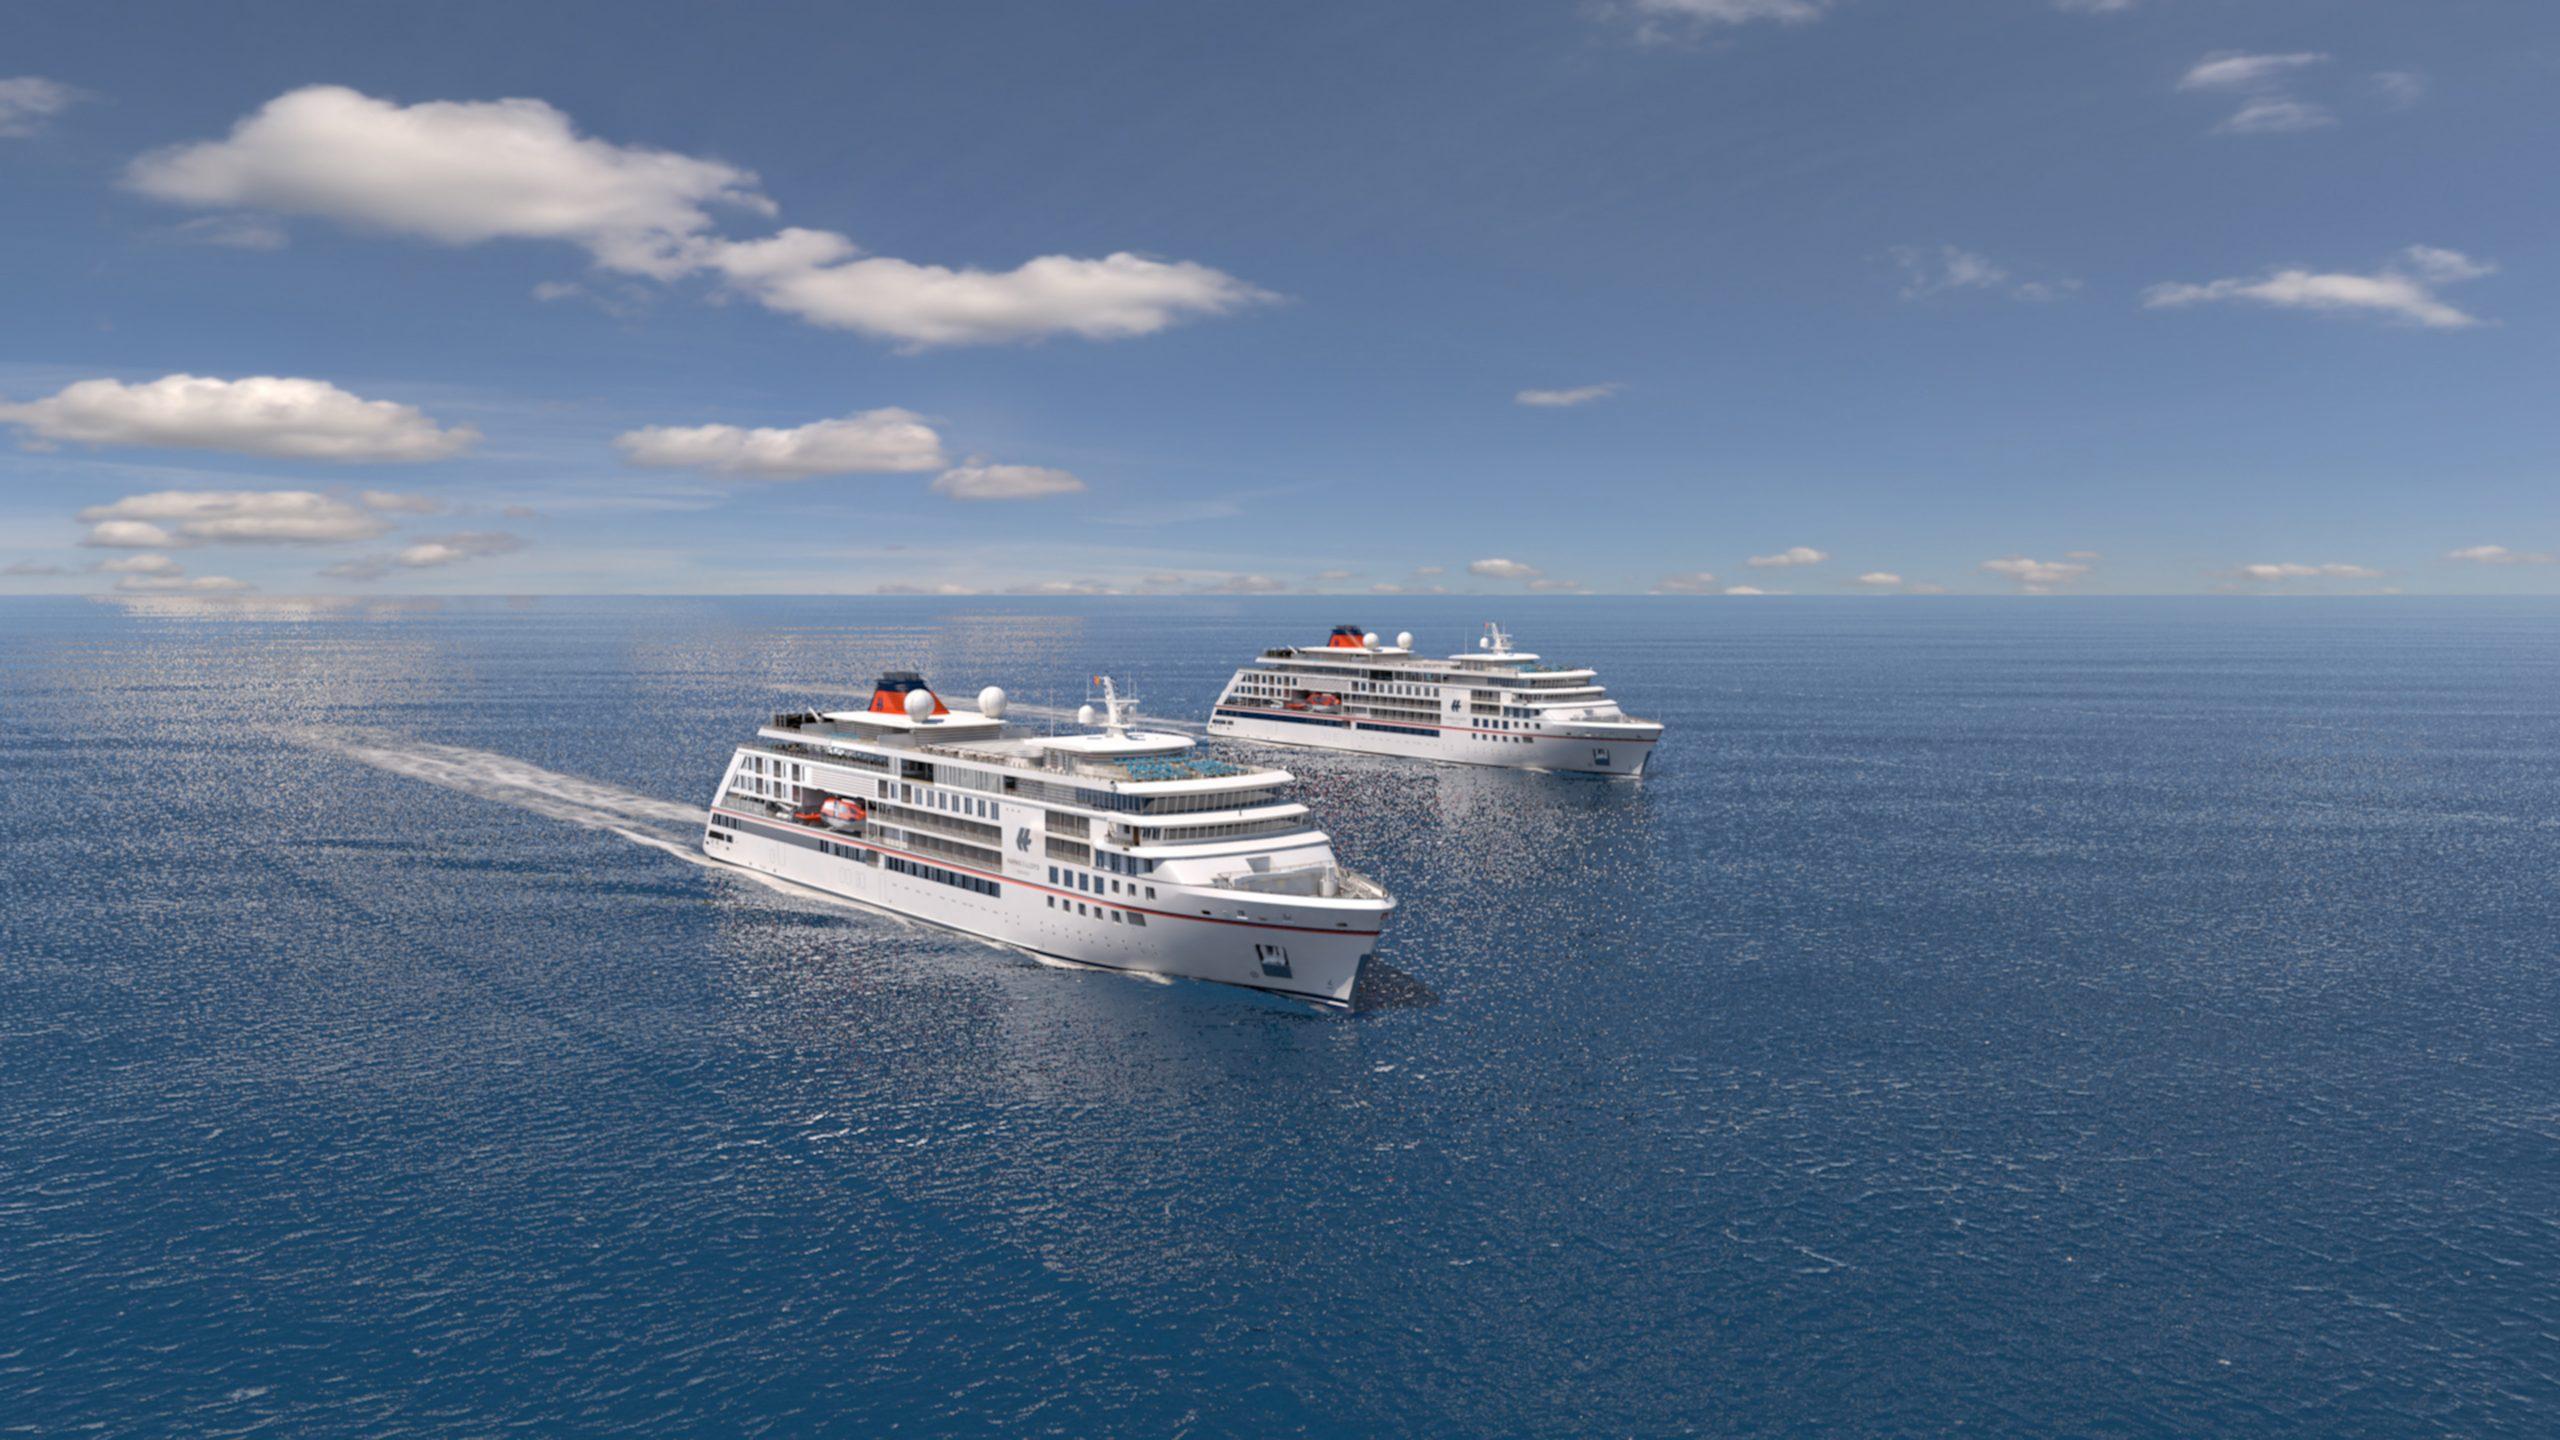 Hapag-Lloyd Cruises bringt seine Flotte nach Hamburg, HANSEATIC inspiration, EUROPA und EUROPA 2 sollen am 2. Mai in den Hafen einlaufen